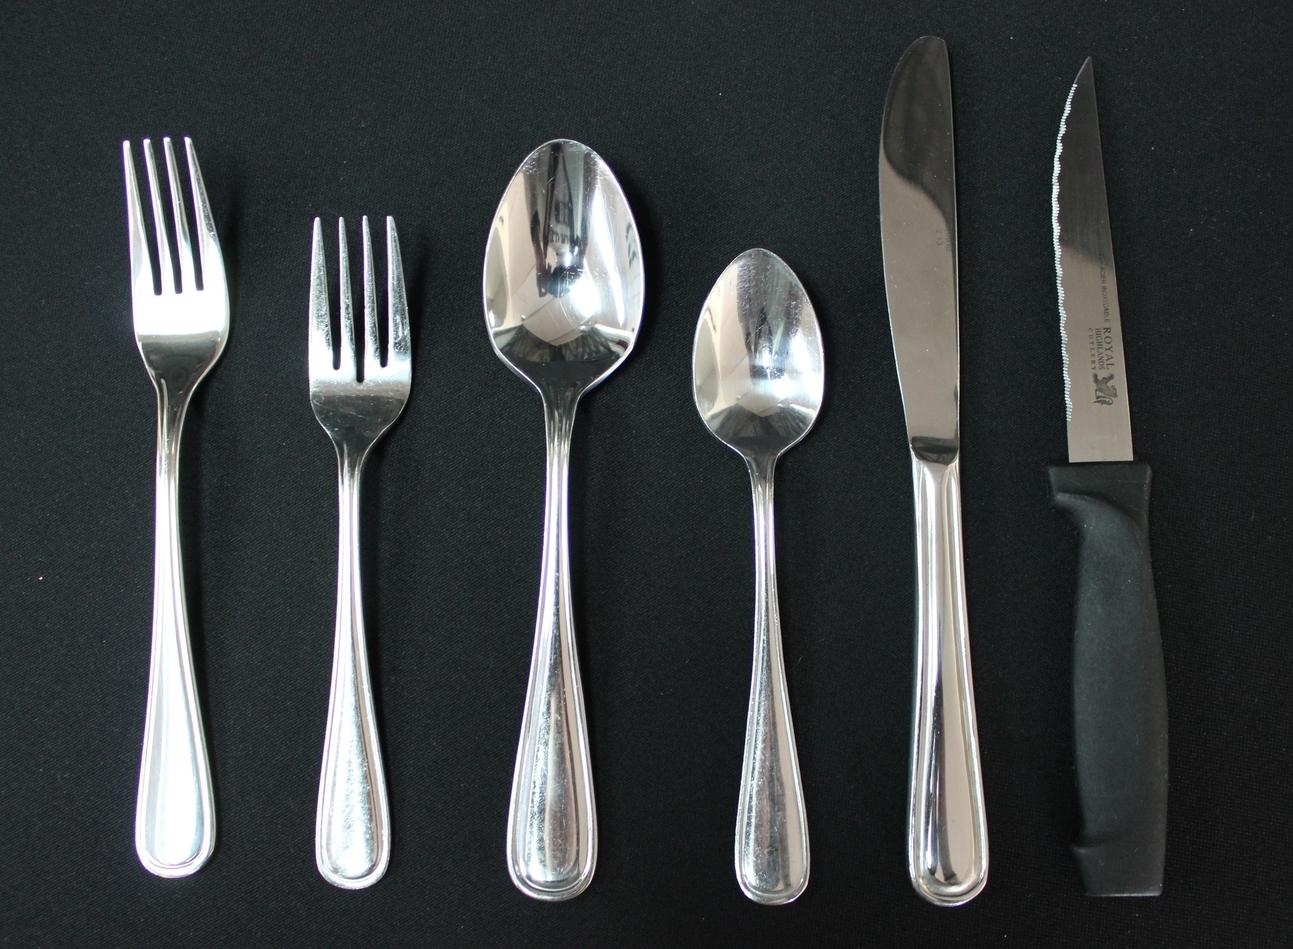 Cutlery (Oneida)  $0.50 Each  Dinner Fork, Salad Fork, Tablespoon, Teaspoon, Dinner Knife, Steak Knife